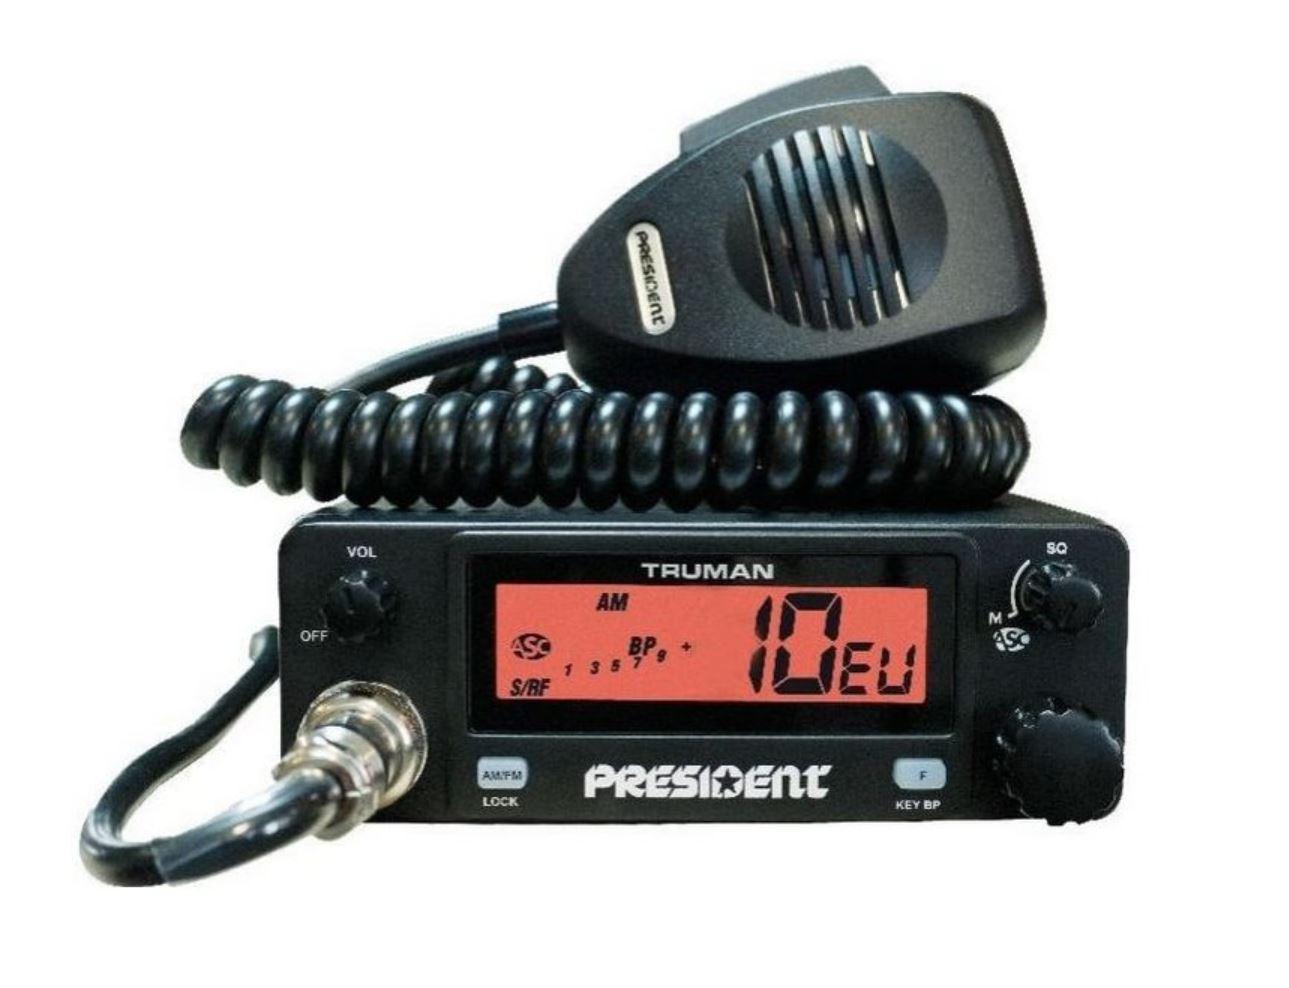 CB radiostanice